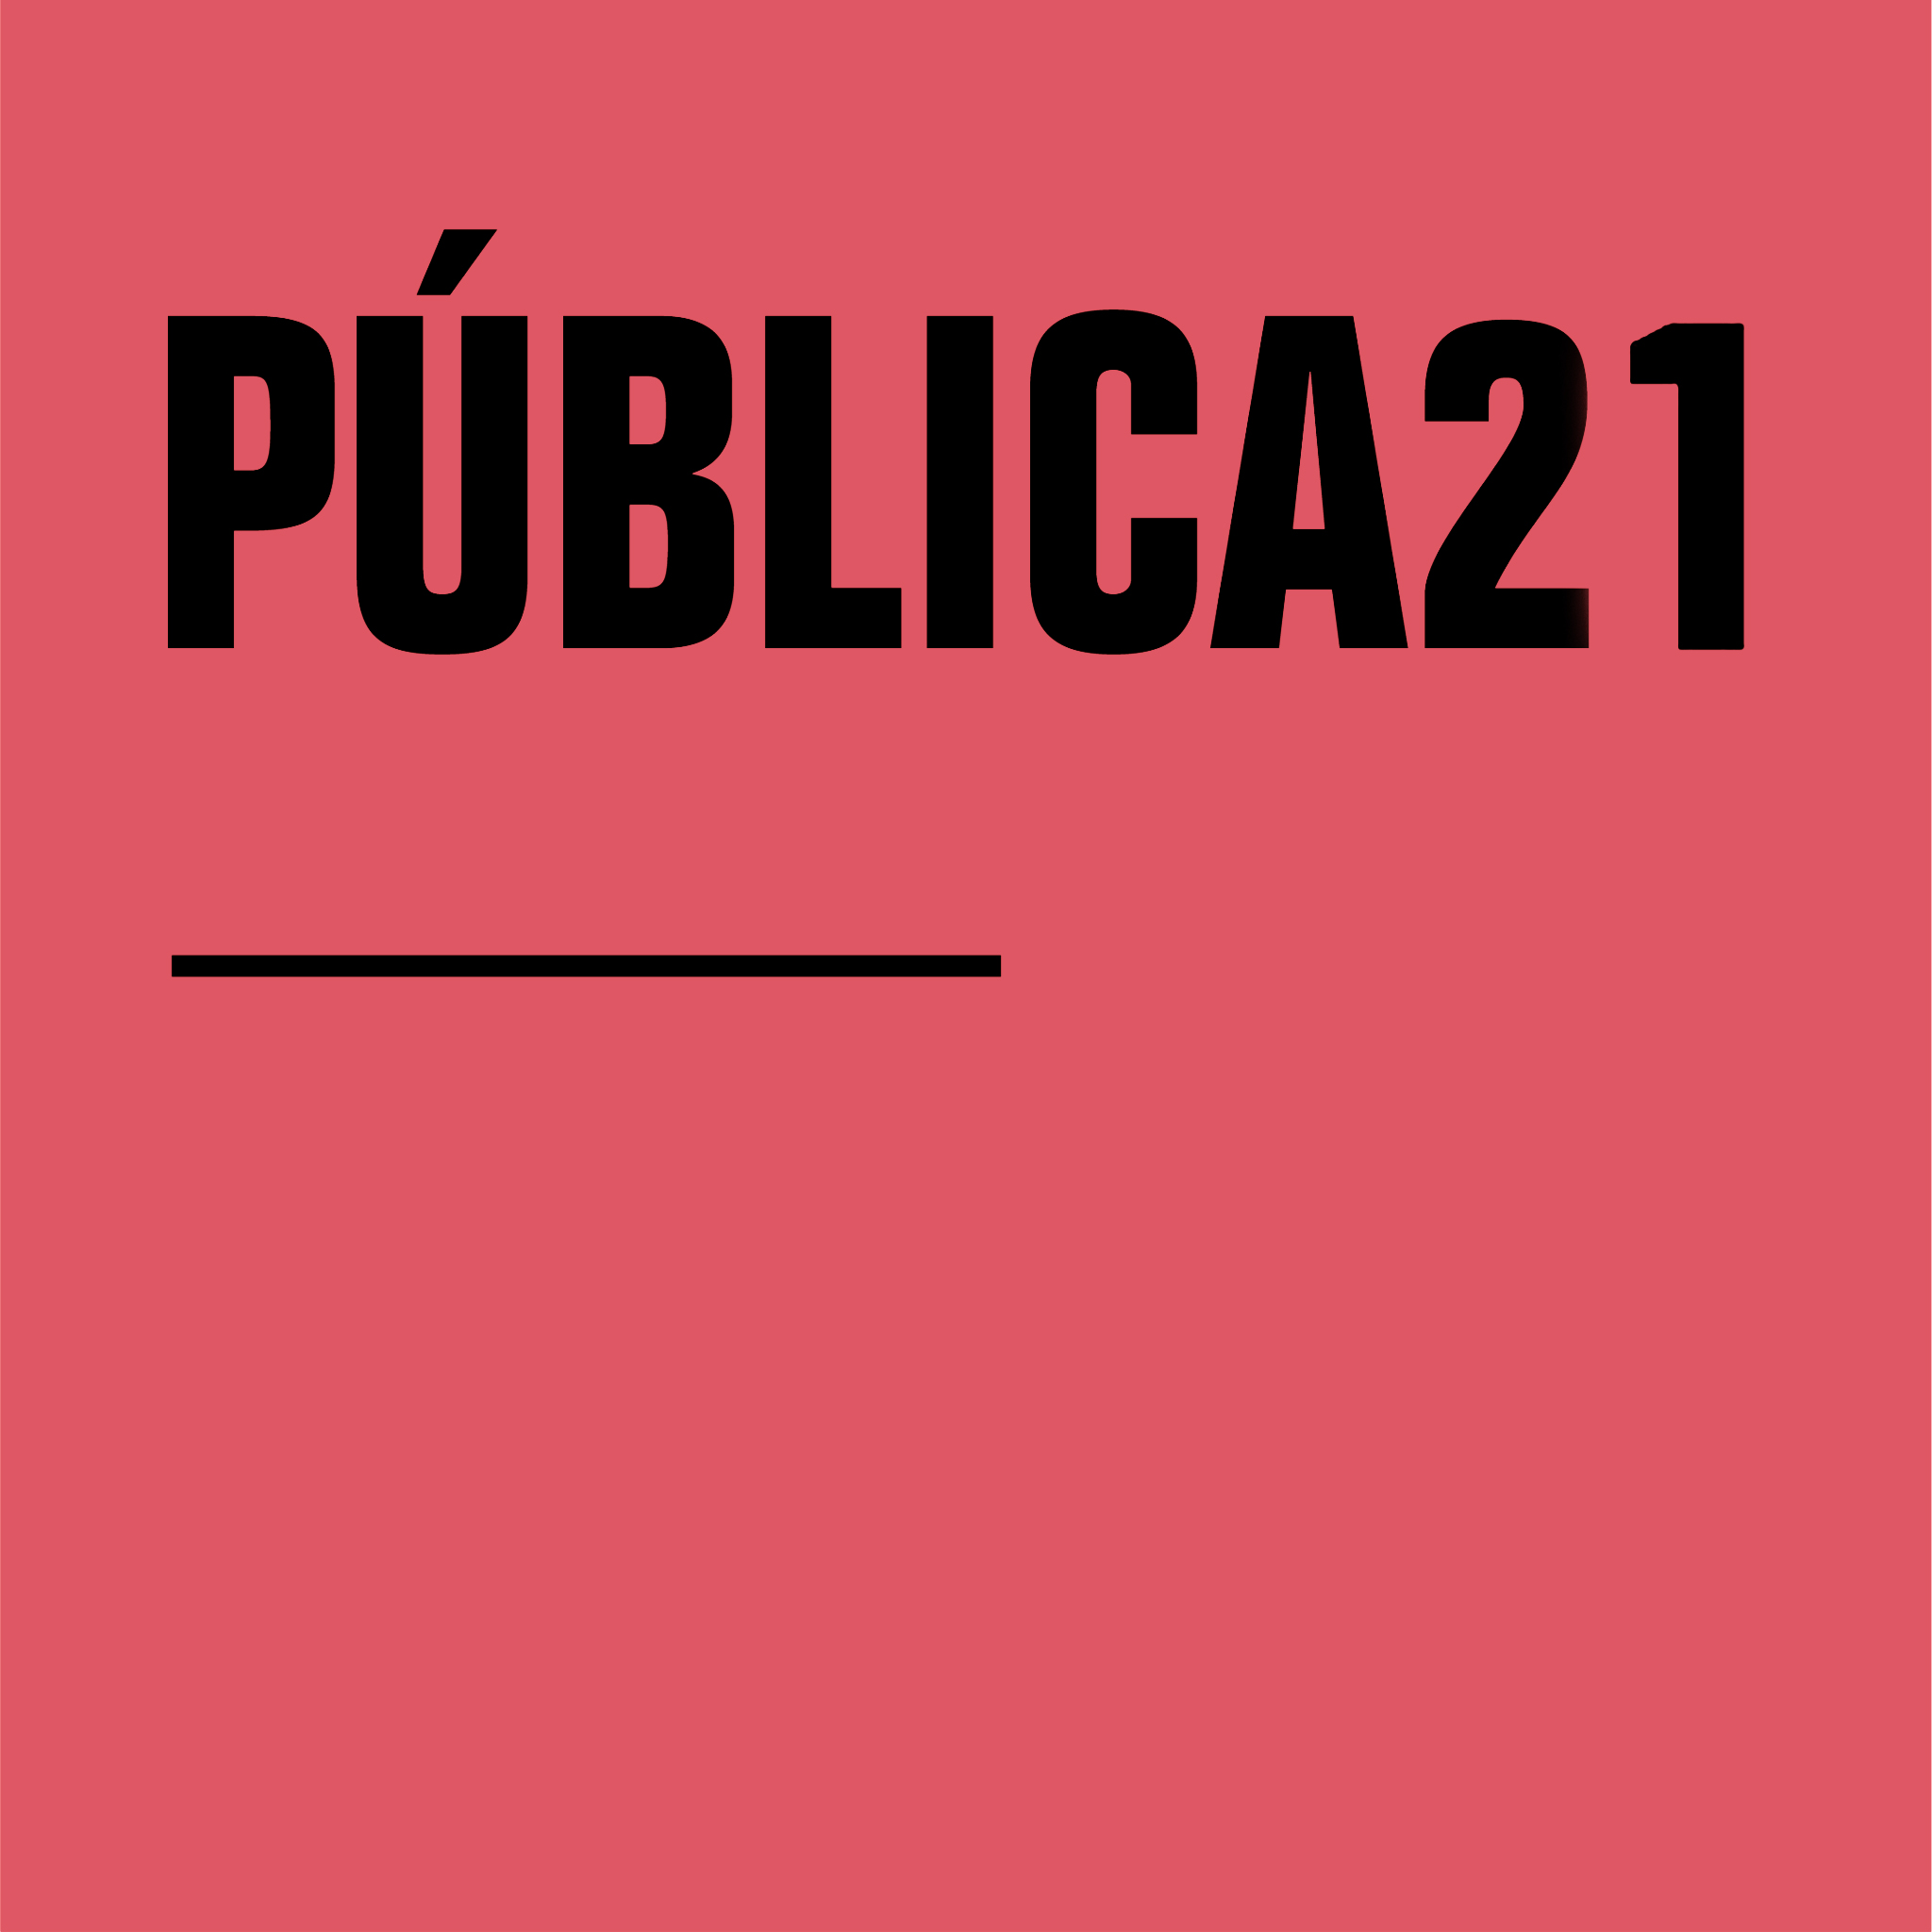 Publica 21_ ediciones anteriores